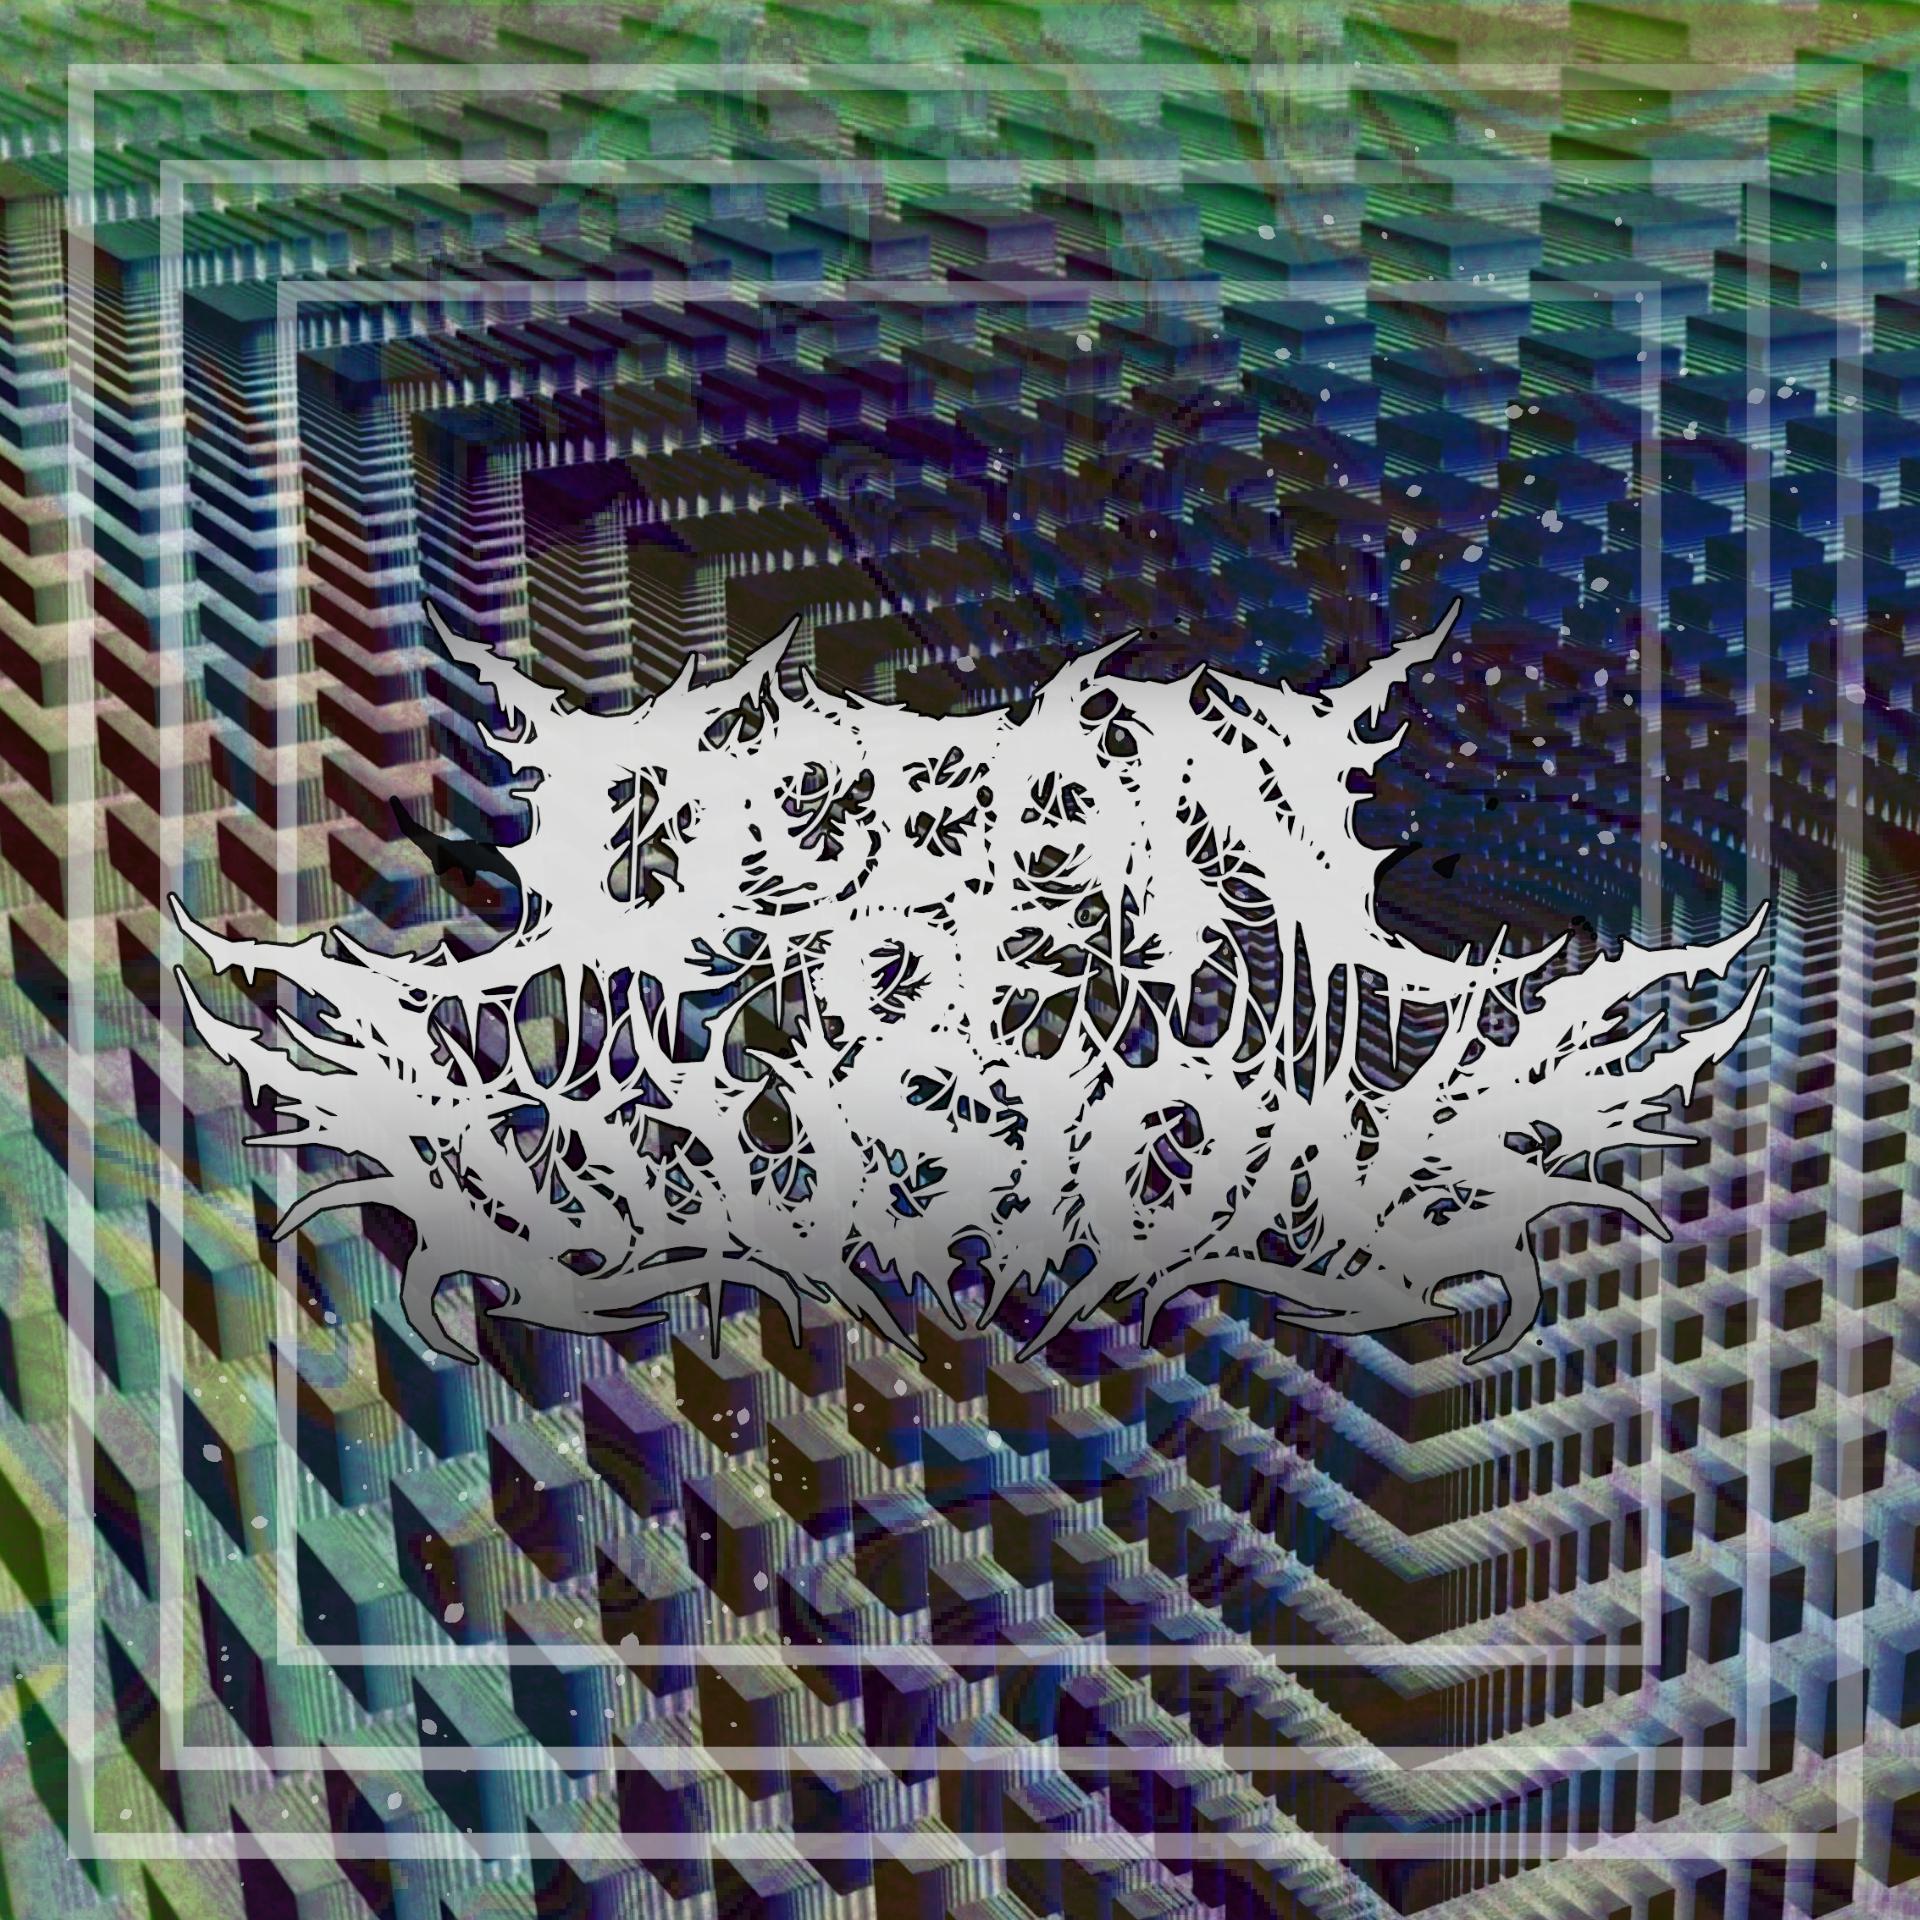 Ocean Of Illusions - metal